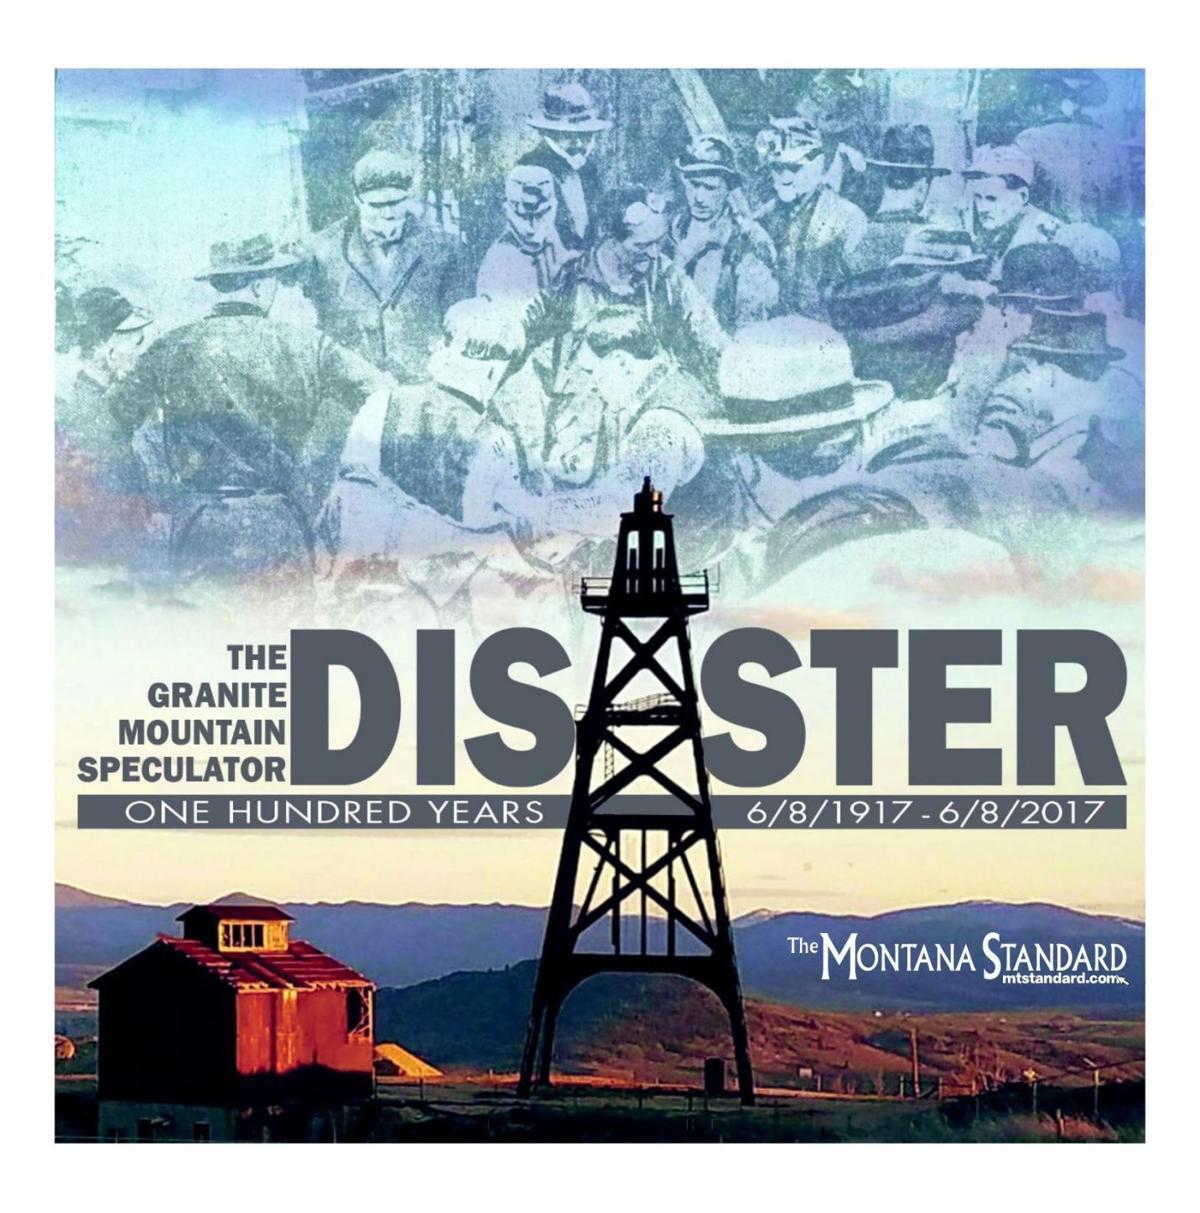 Granite Mountain Speculator Disaster 100 year anniversary 01.jpg